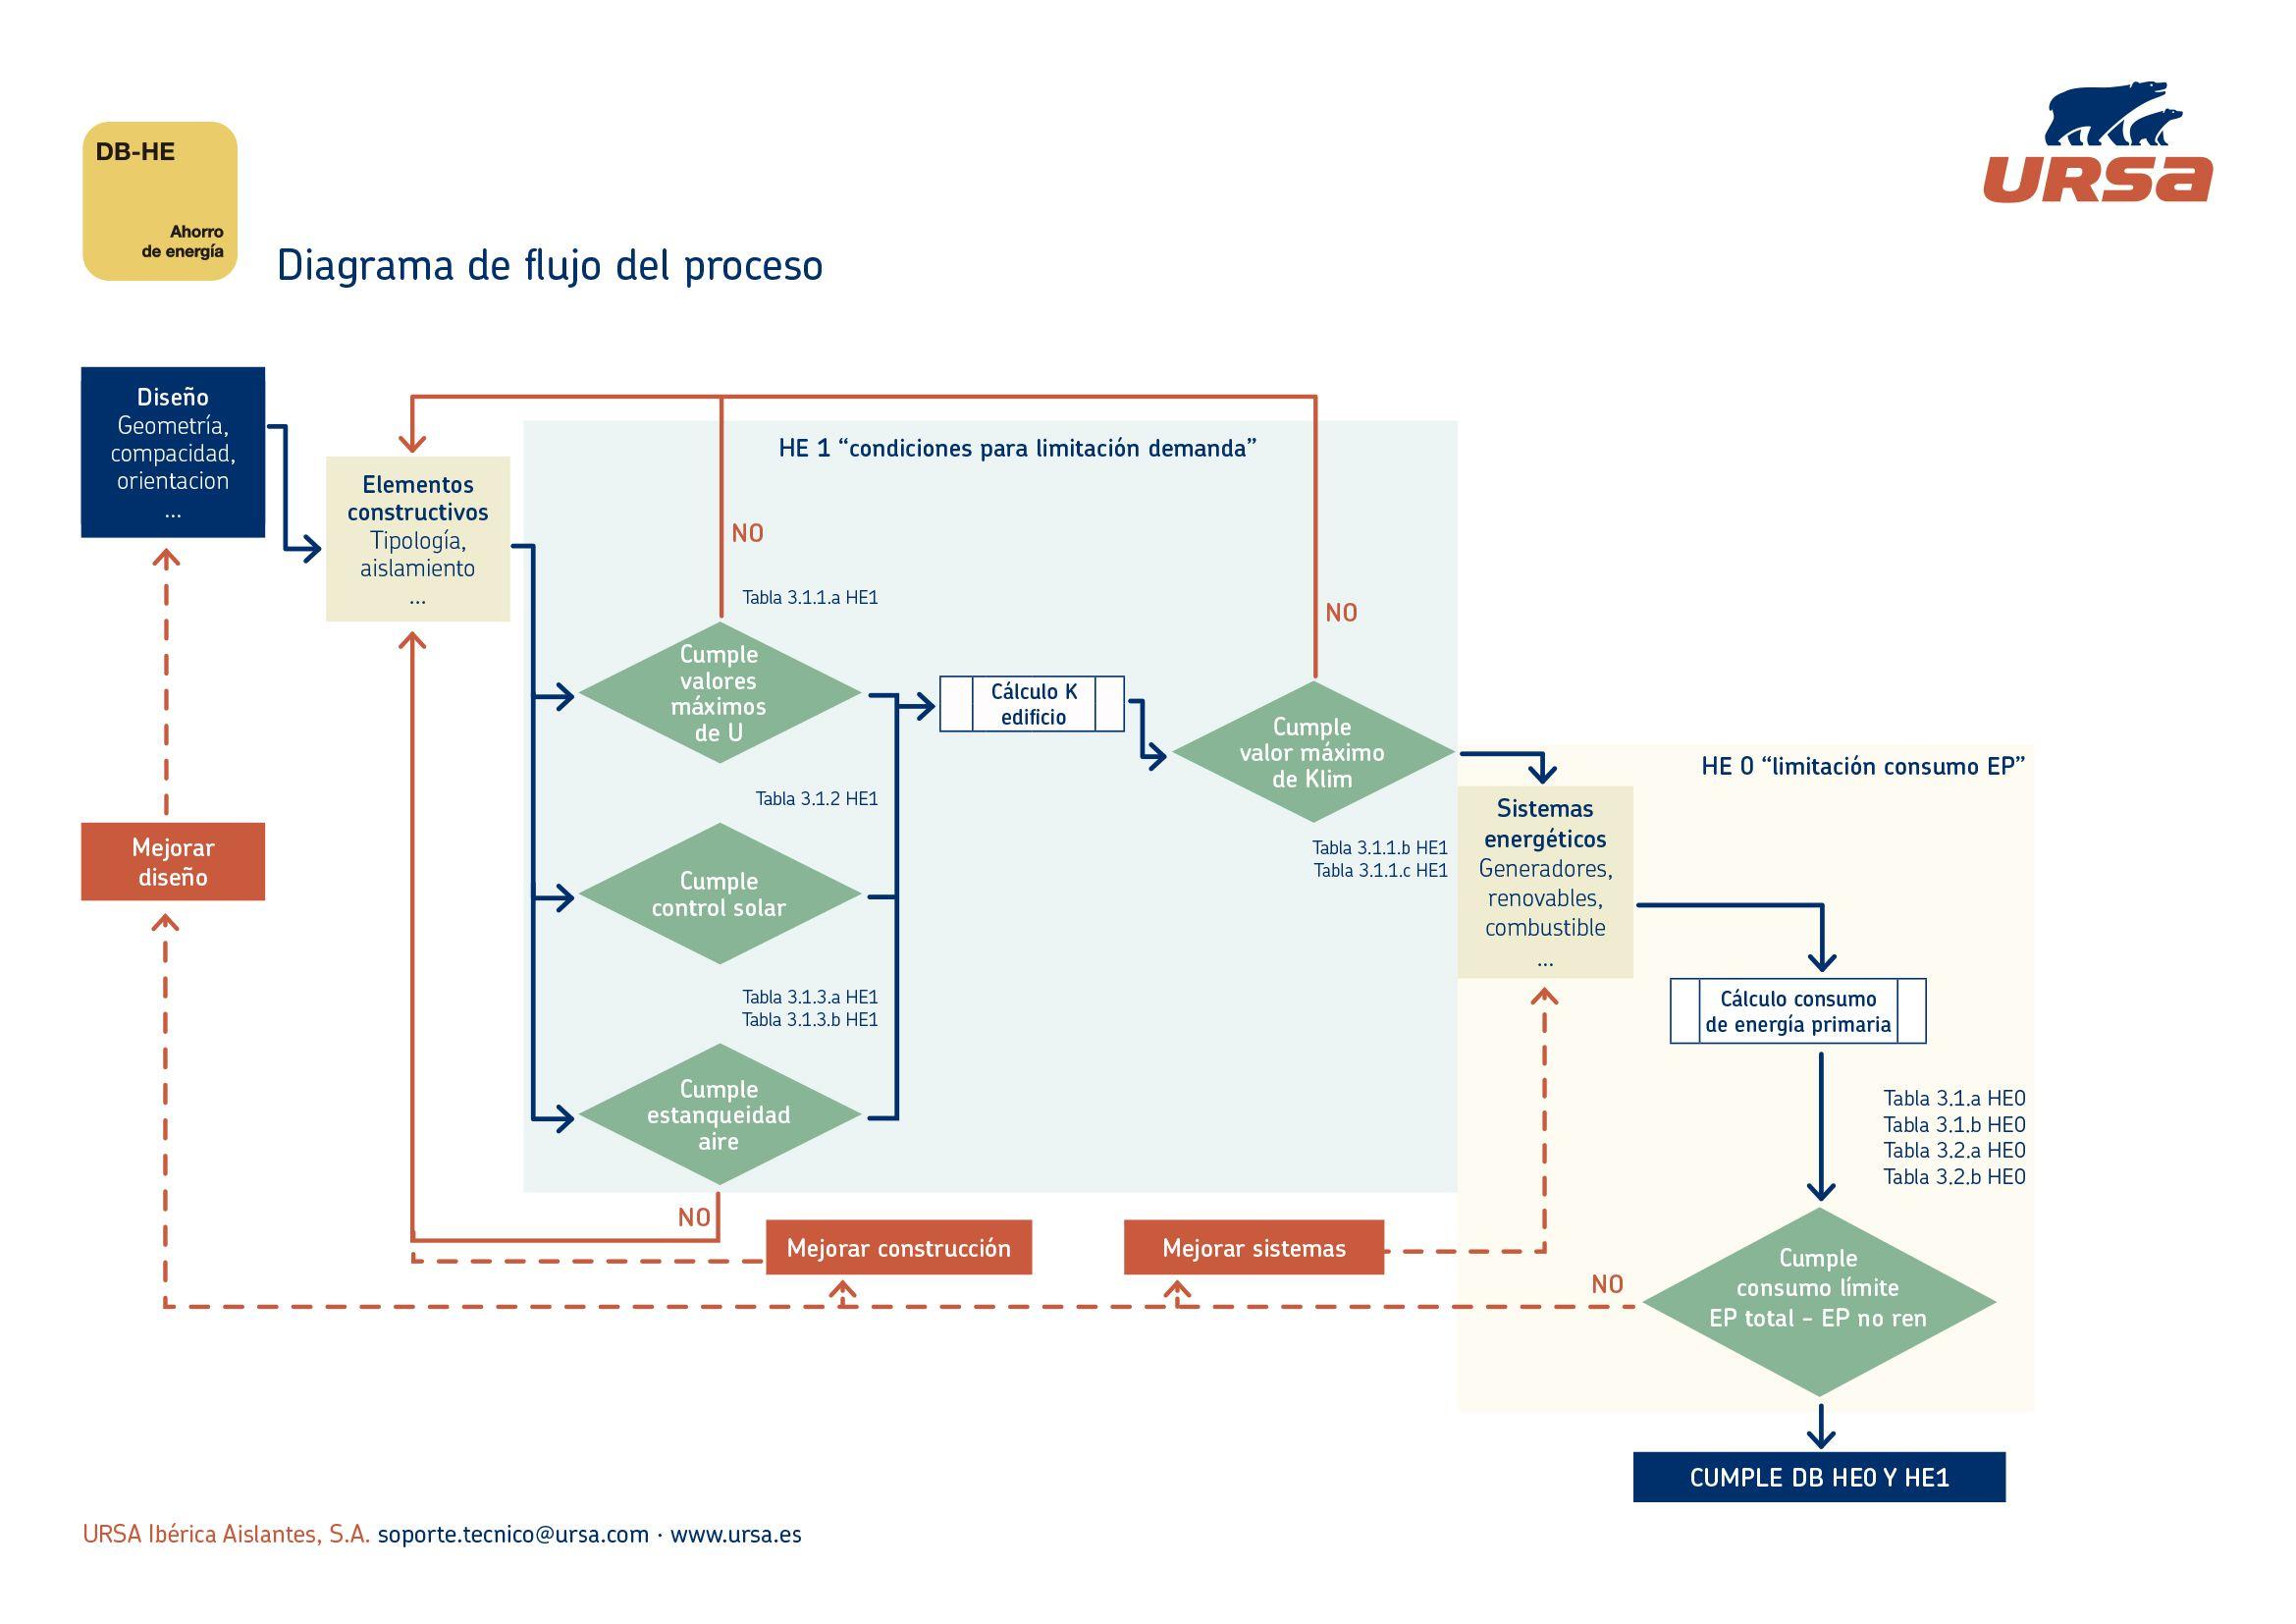 Diagrama de flujo del proceso CTE